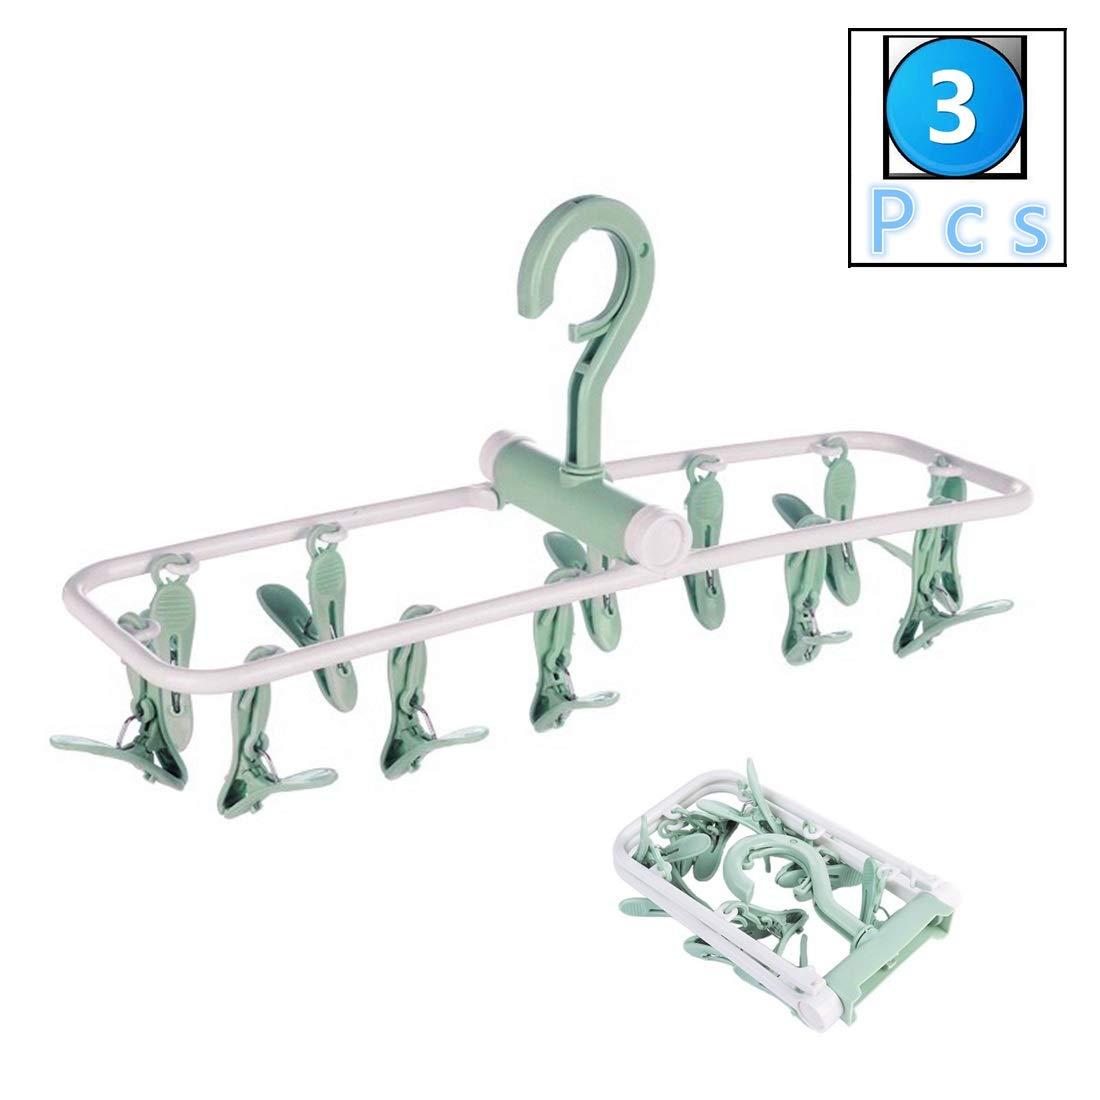 Set de 3 Perchas con 12 Pinzas para Tender la Ropa Tendedero de Calcetines,Guantes,Ropa Interior,Toallas,Beige fuluomei FLM Tendedero Colgador Plegables